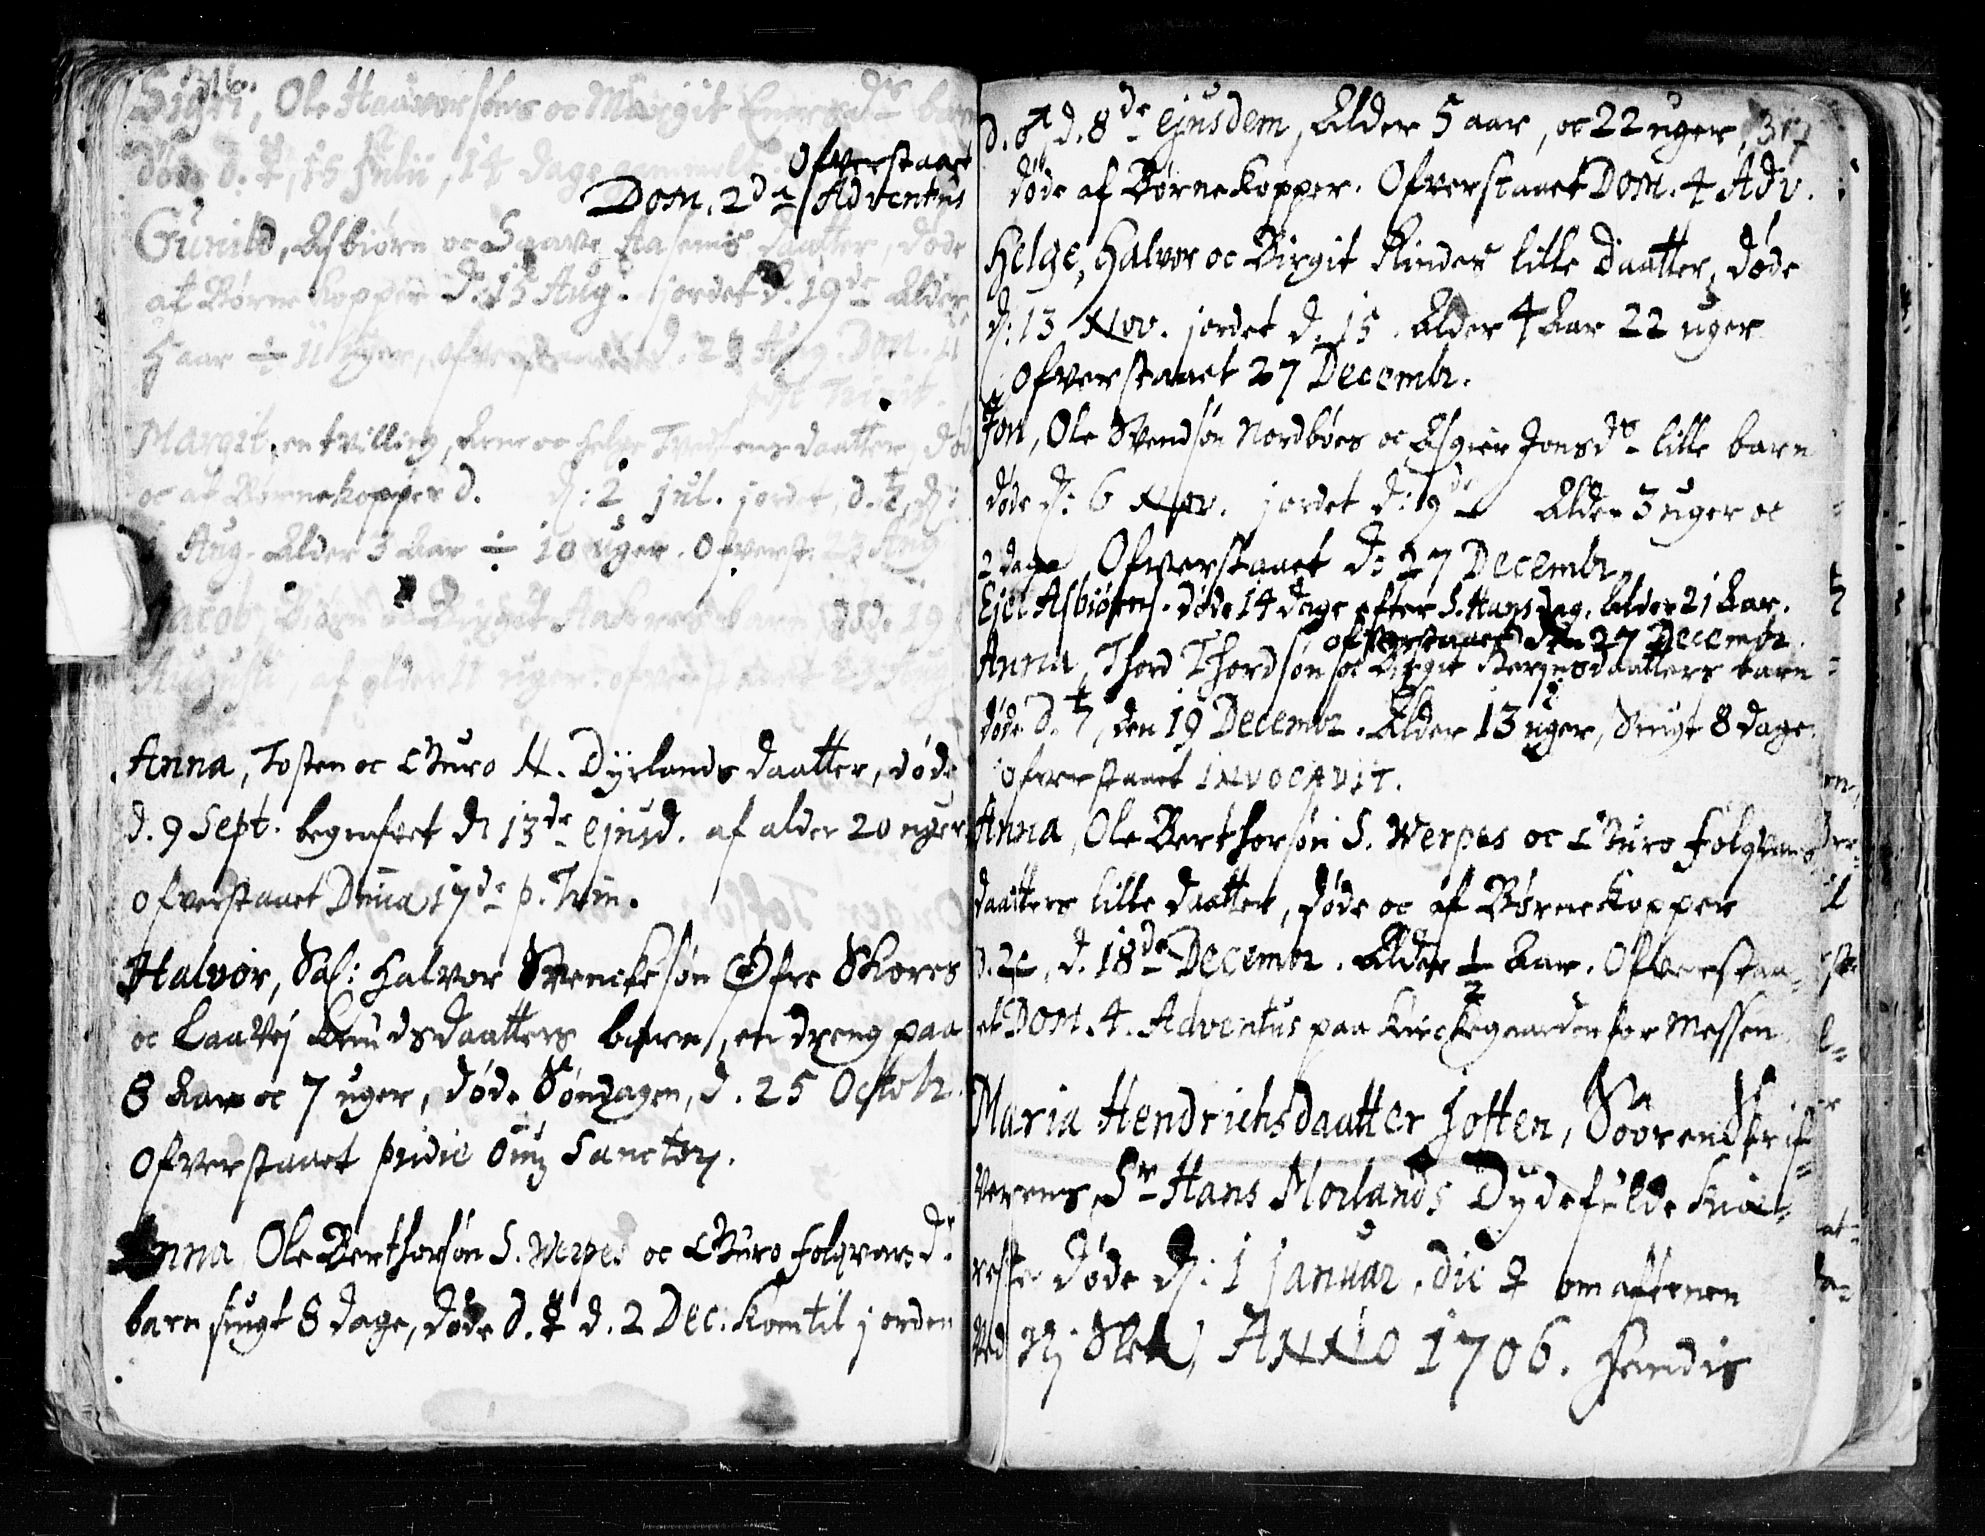 SAKO, Seljord kirkebøker, F/Fa/L0002: Ministerialbok nr. I 2, 1689-1713, s. 316-317